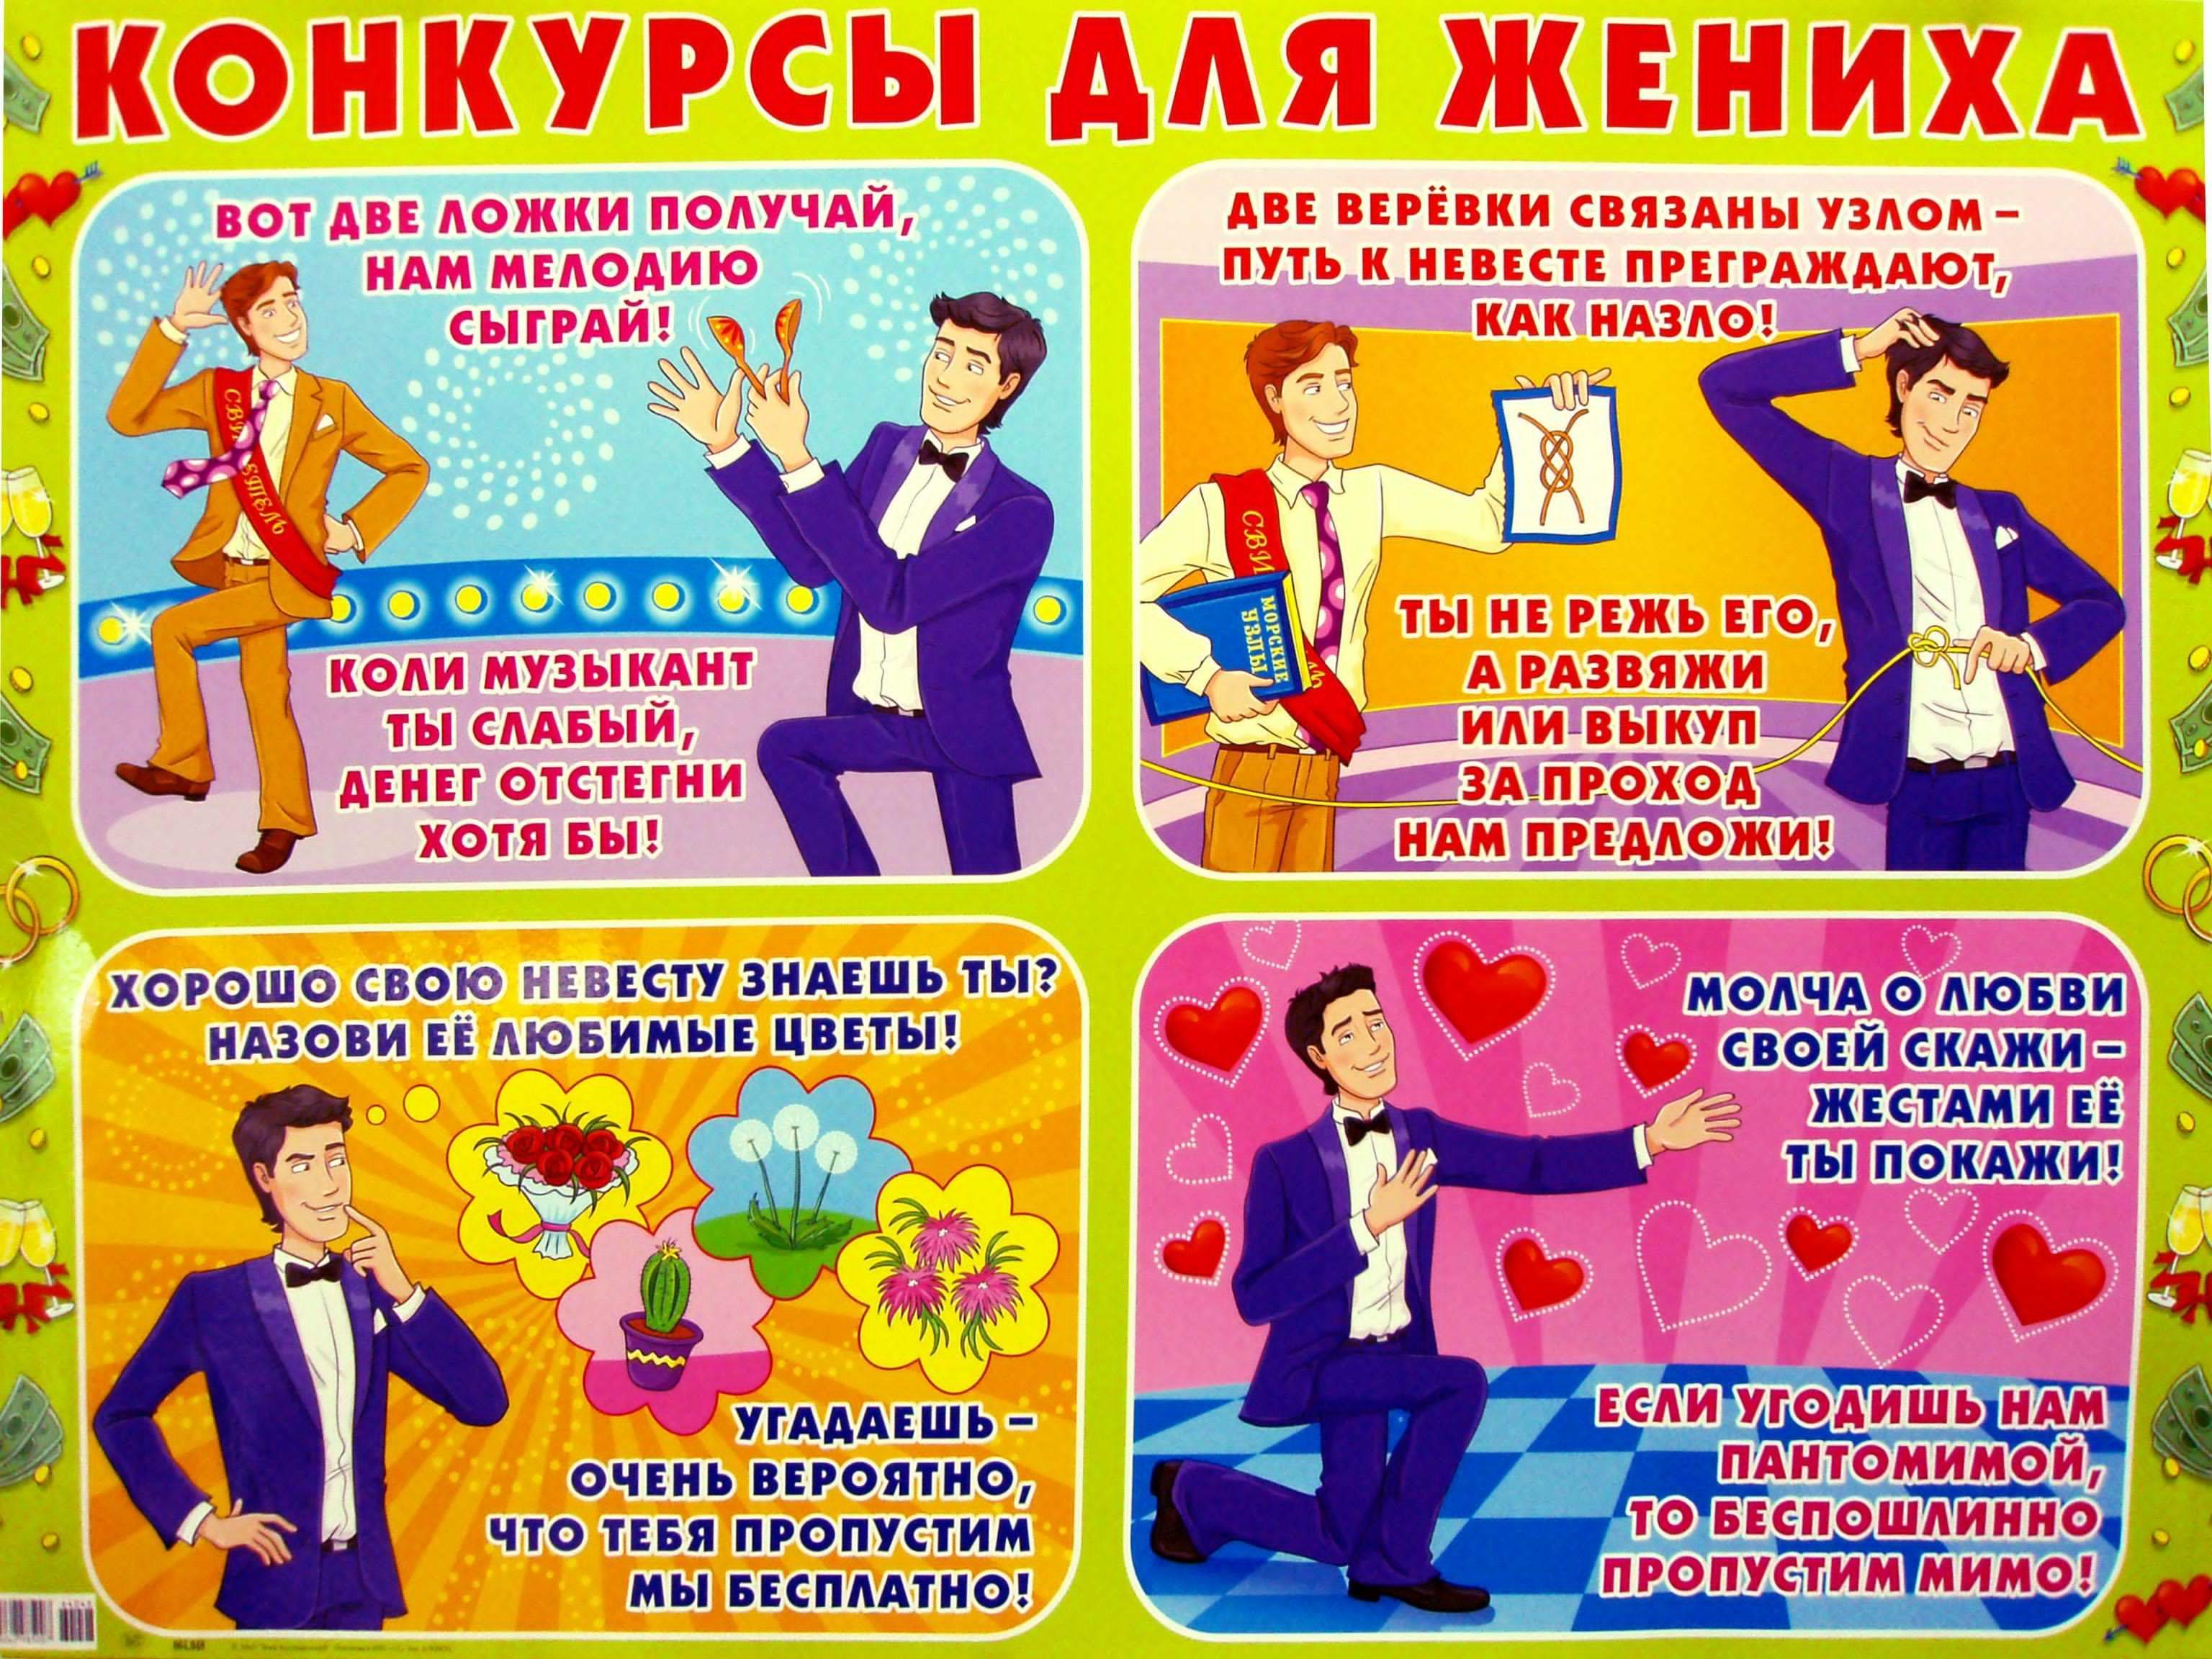 Денежные конкурсы на выкуп невесты